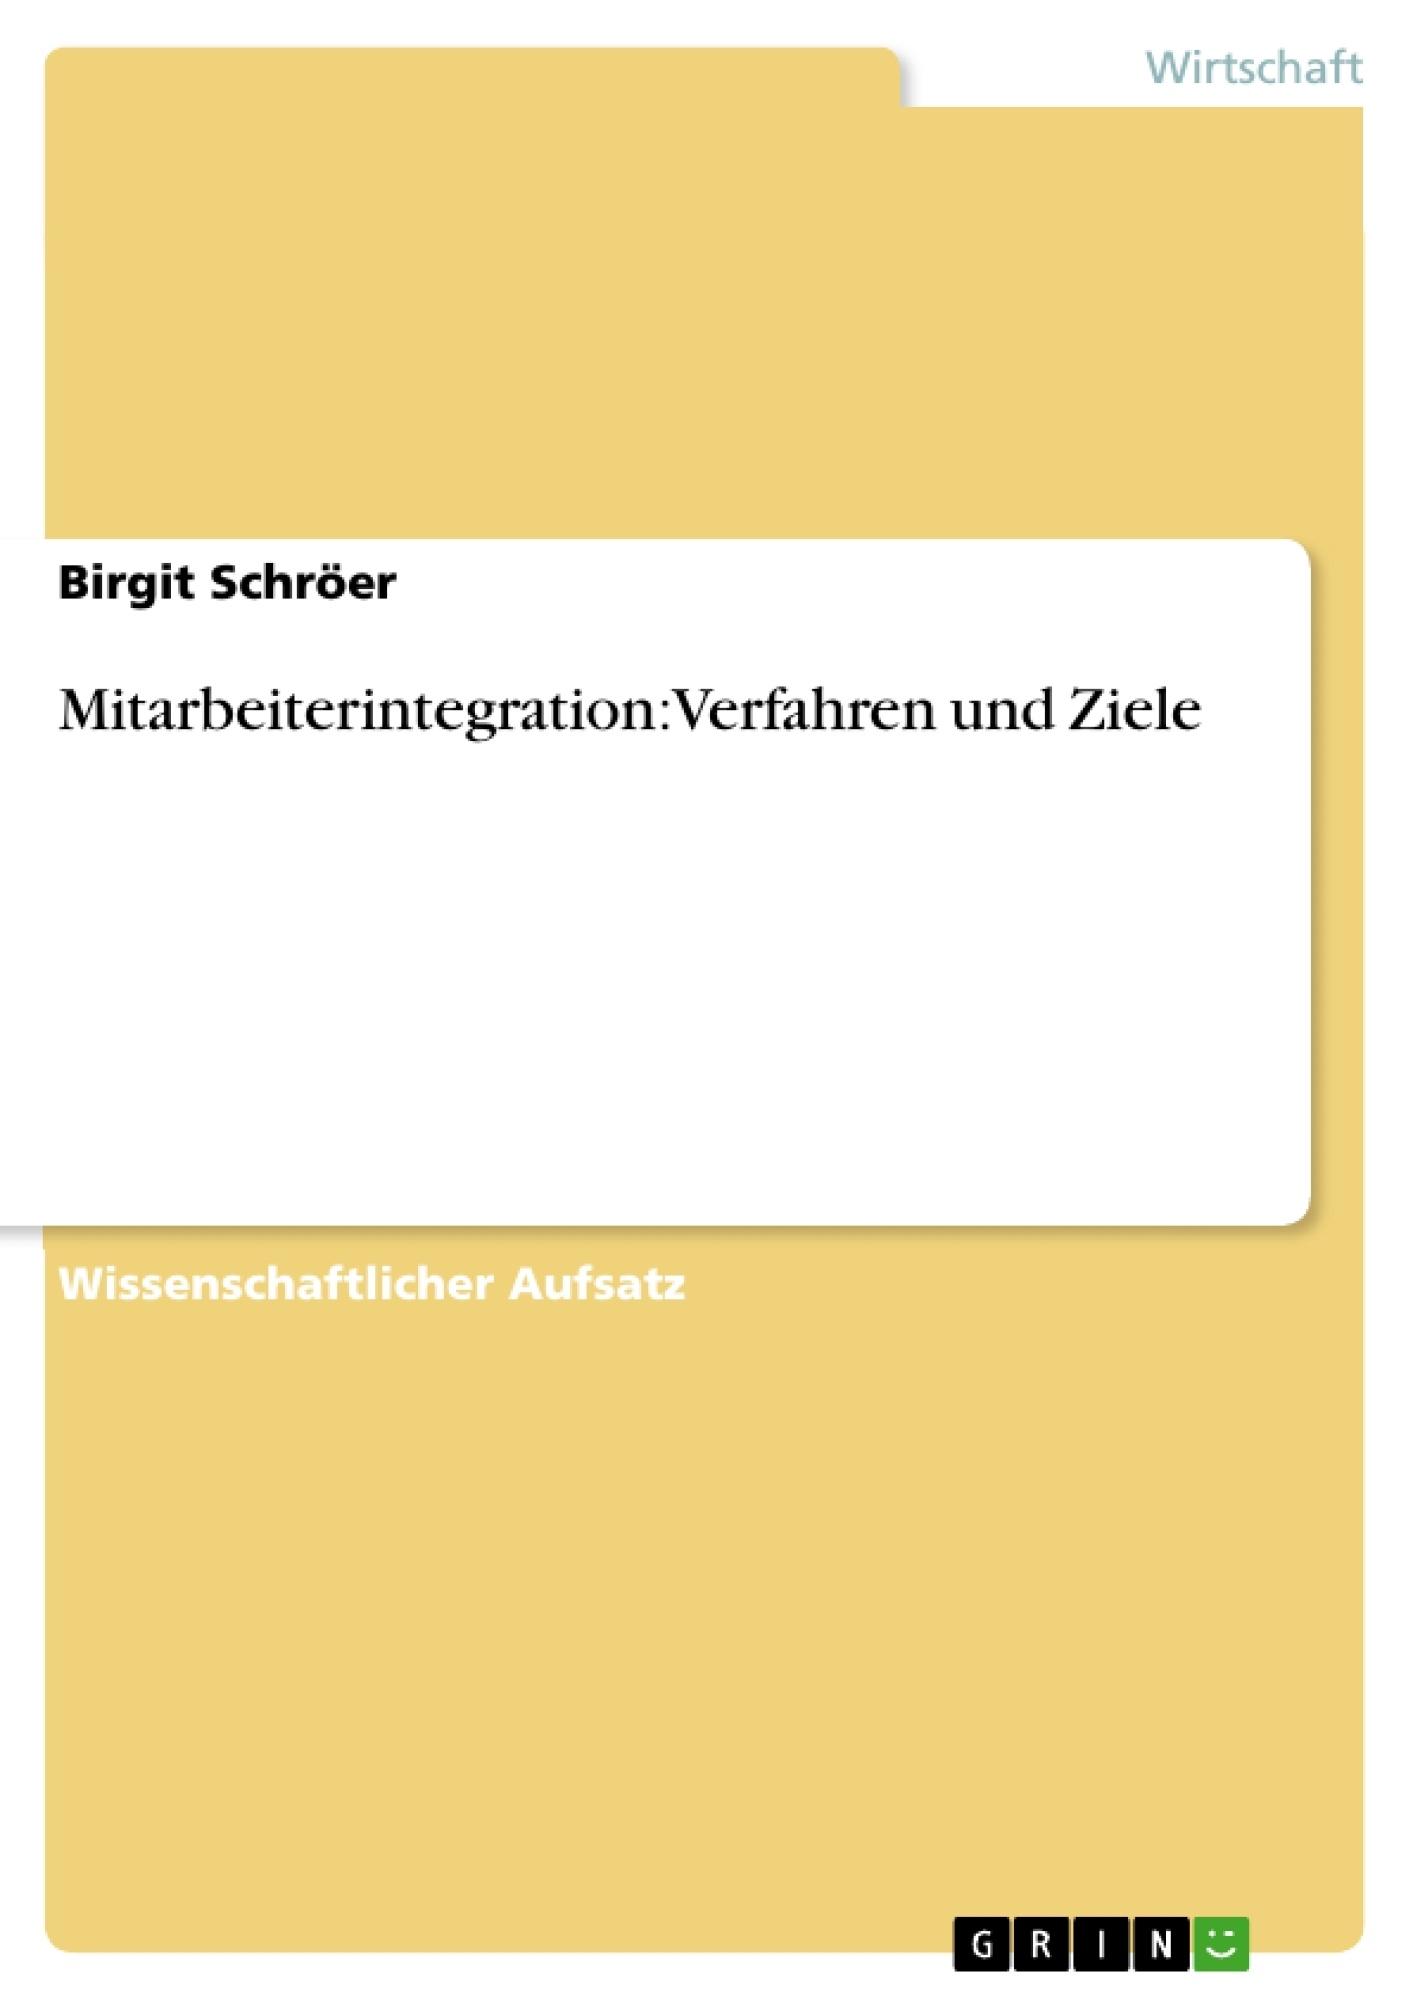 Titel: Mitarbeiterintegration: Verfahren und Ziele